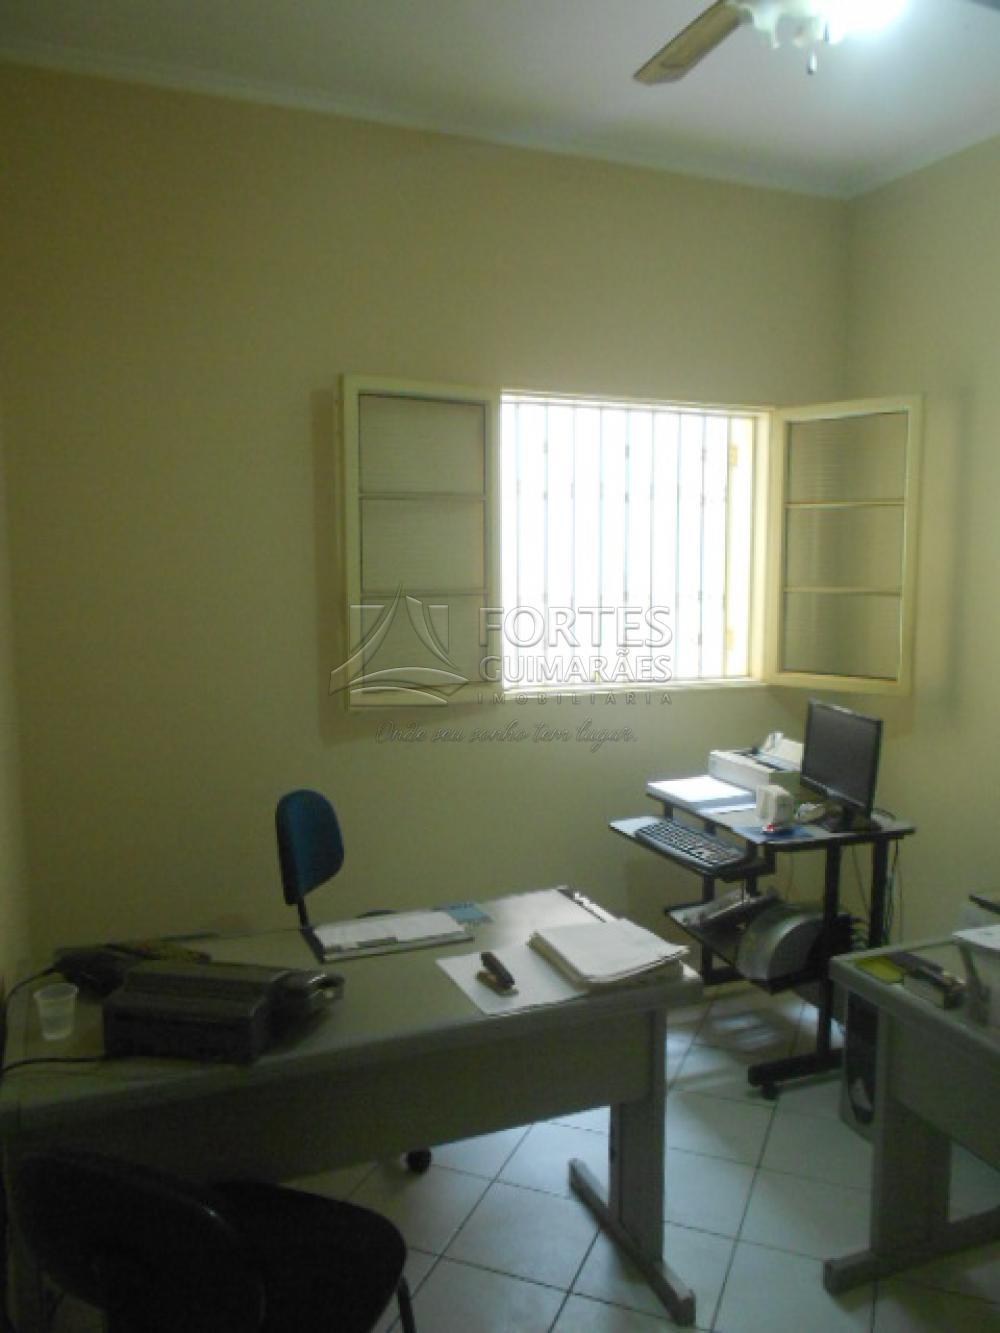 Alugar Comercial / Imóvel Comercial em Ribeirão Preto apenas R$ 3.000,00 - Foto 35